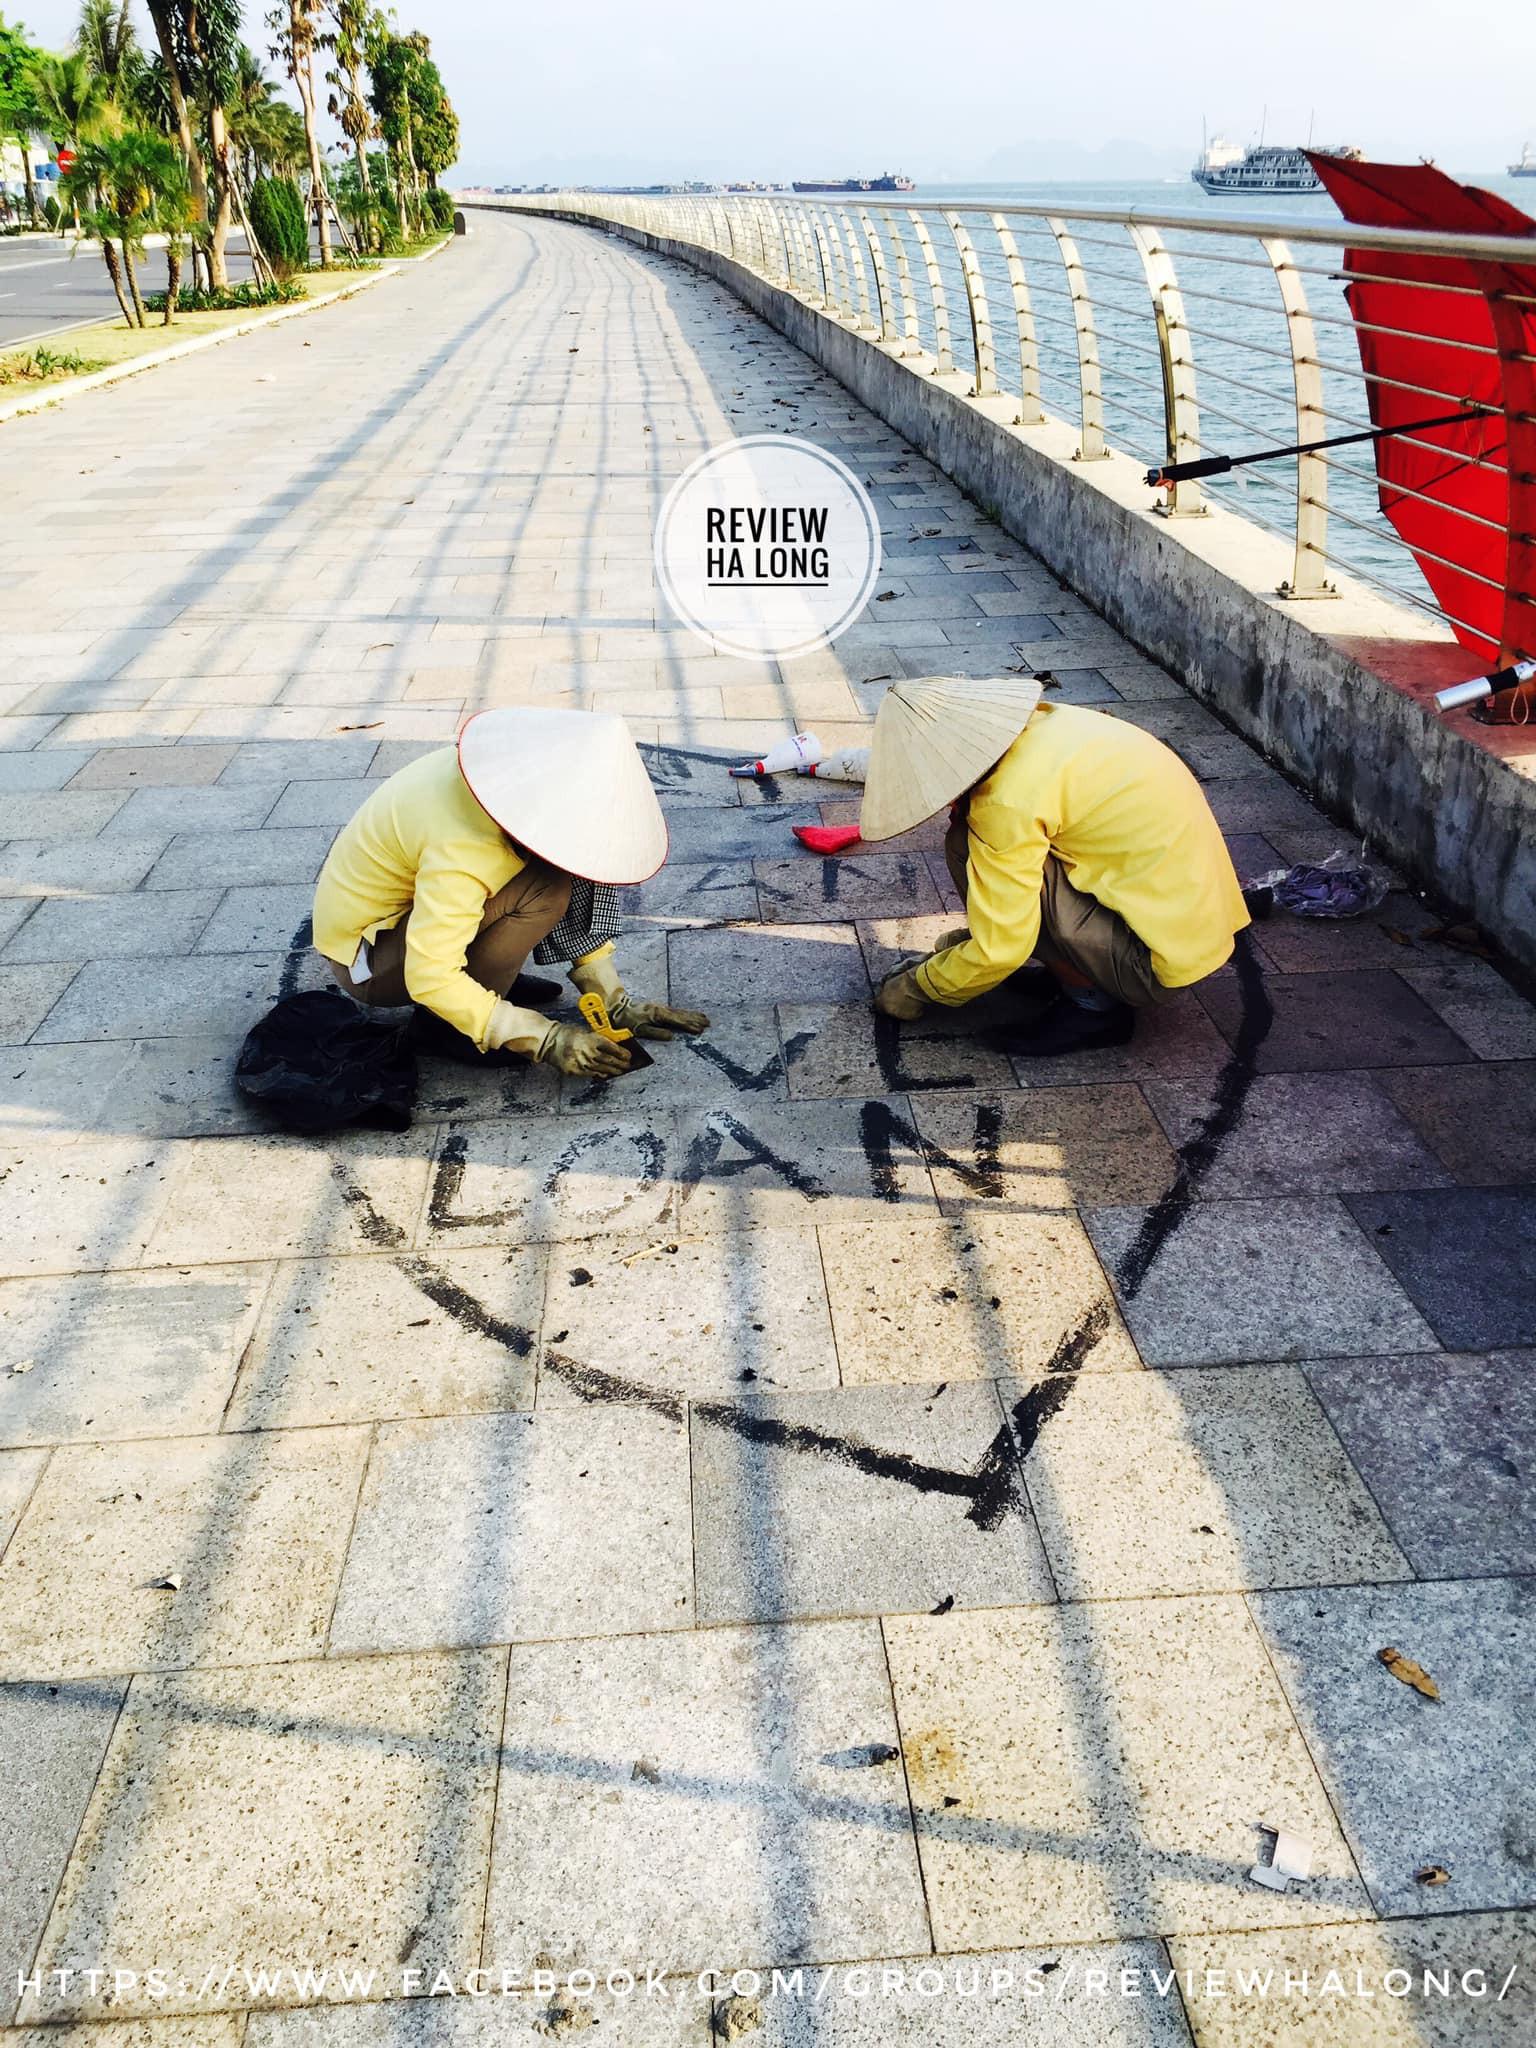 Vẽ bậy để thể hiện tình yêu trên mặt đường, cặp đôi làm tội các cô lao công cặm cụi tẩy xóa dưới cái nắng 40 độ - Ảnh 2.